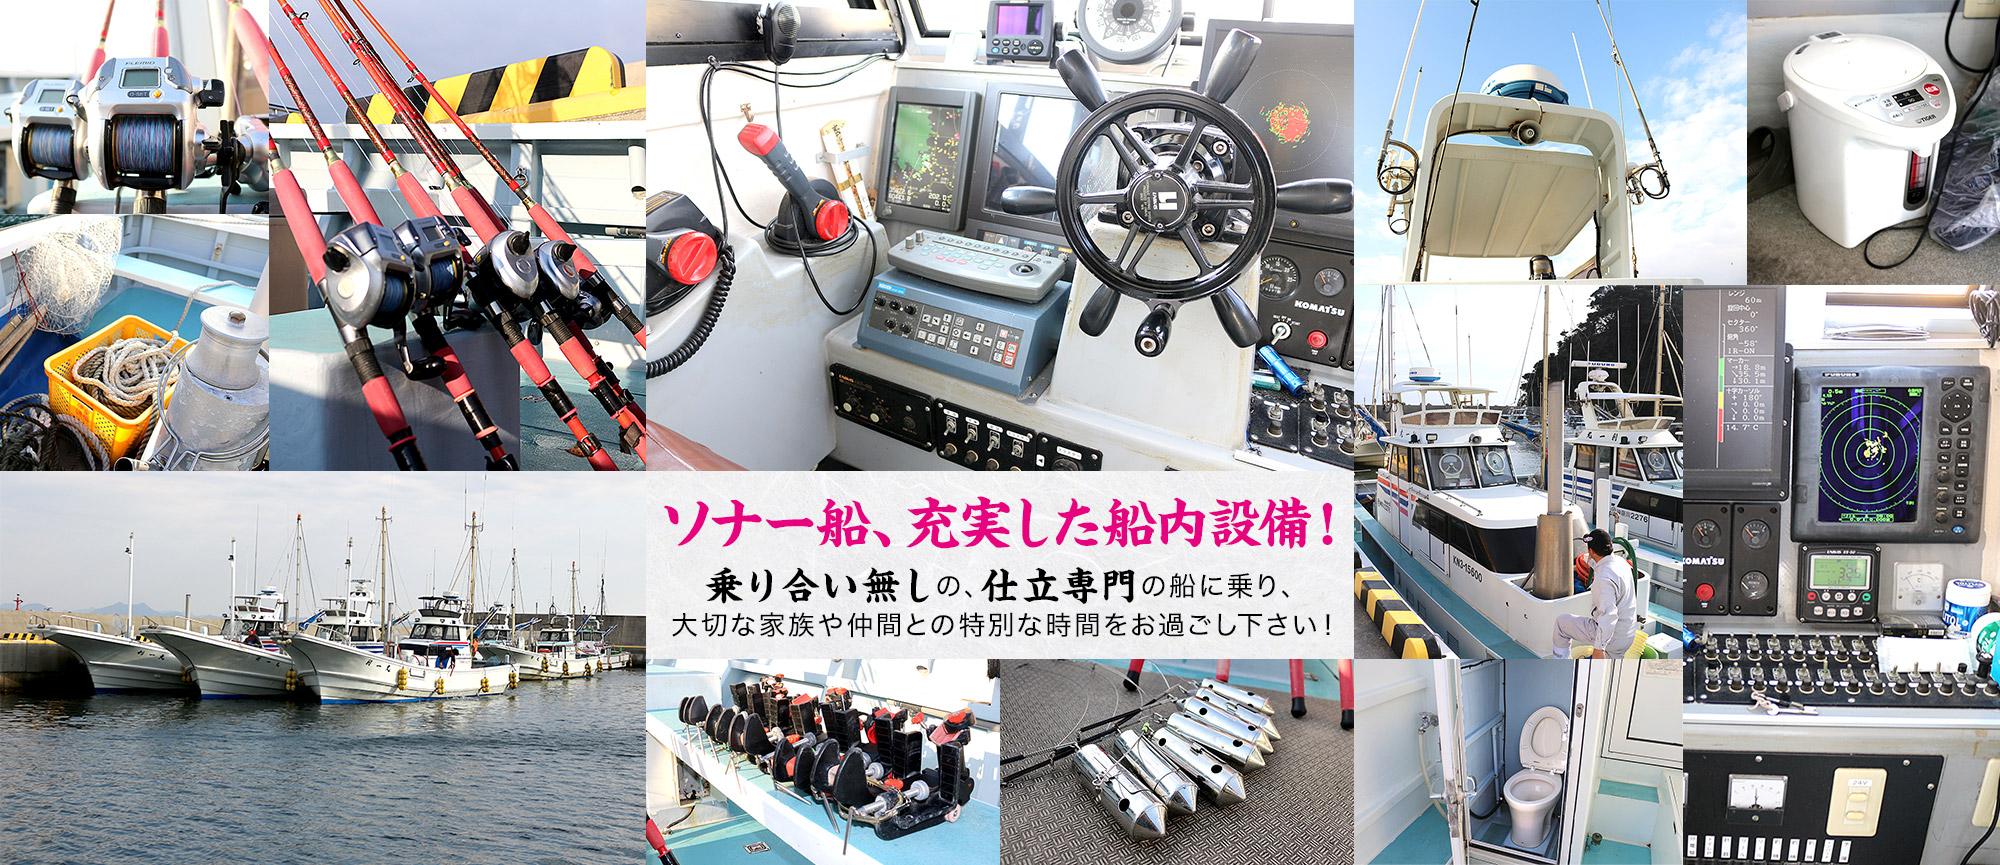 ソナー船、充実した船内設備! 乗り合い無しの、仕立専門の船に乗り、大切な家族や仲間との特別な時間をお過ごし下さい!